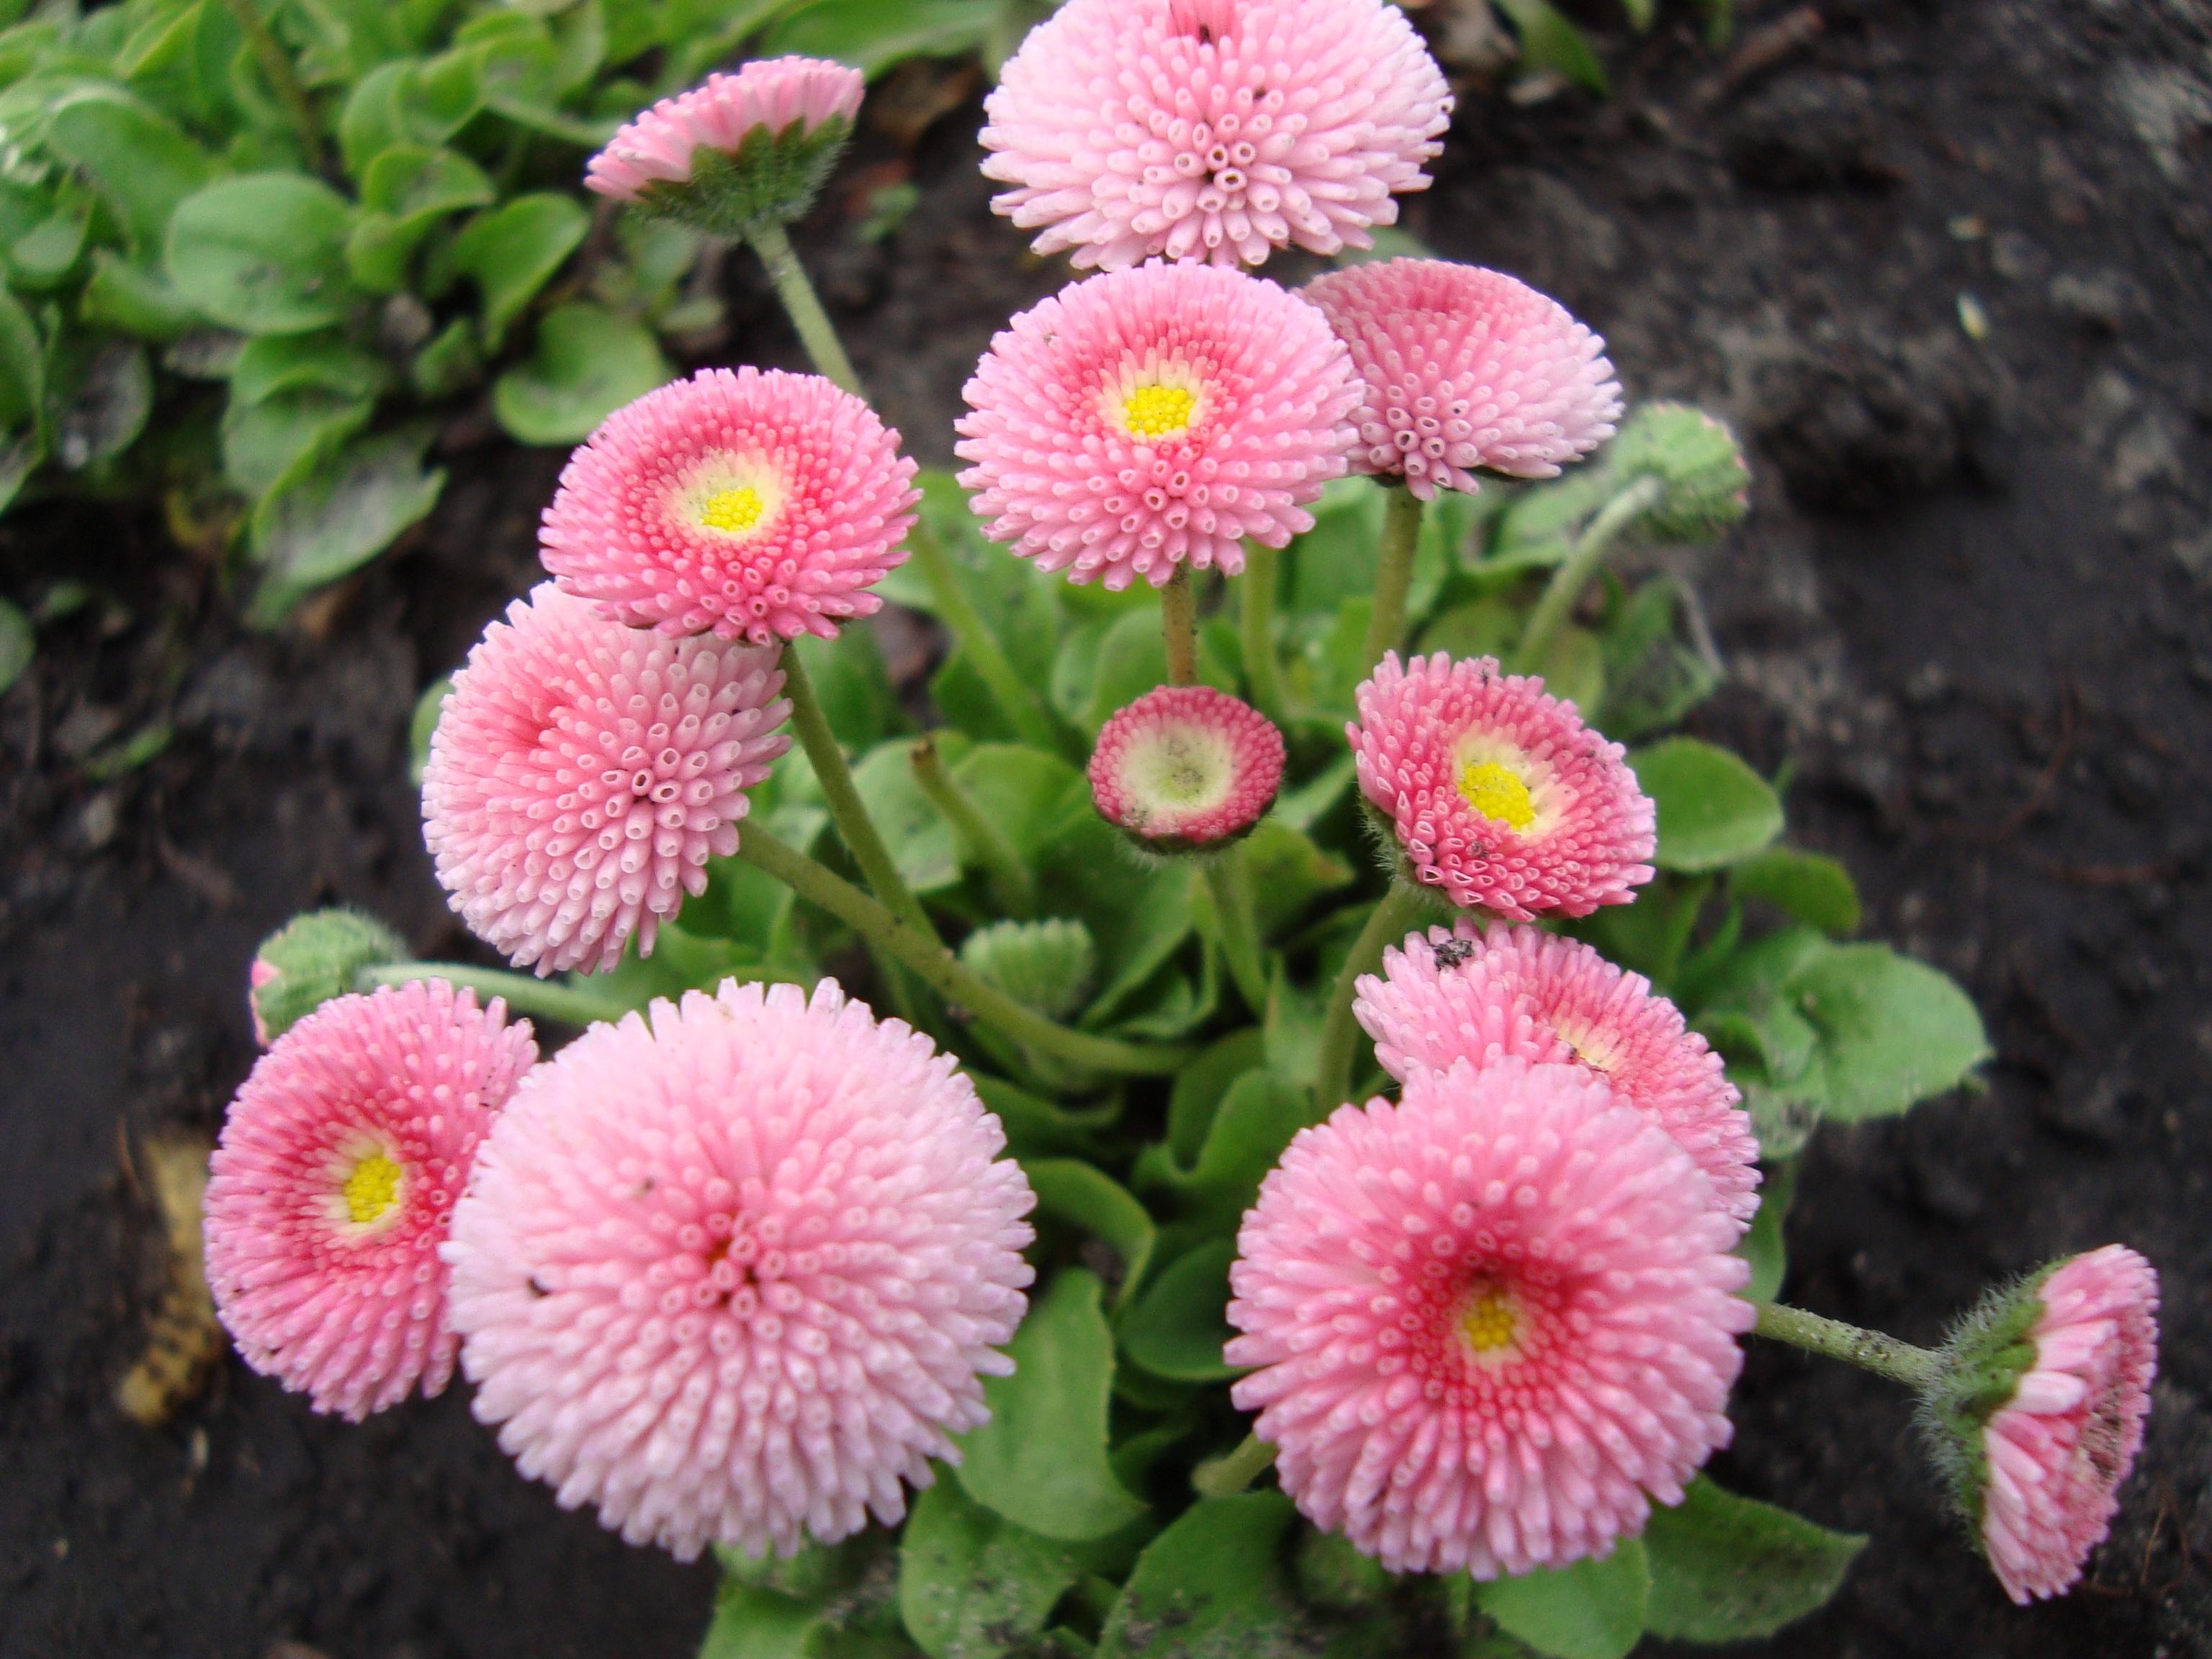 images gratuites : fleur, pétale, marguerite, botanique, flore